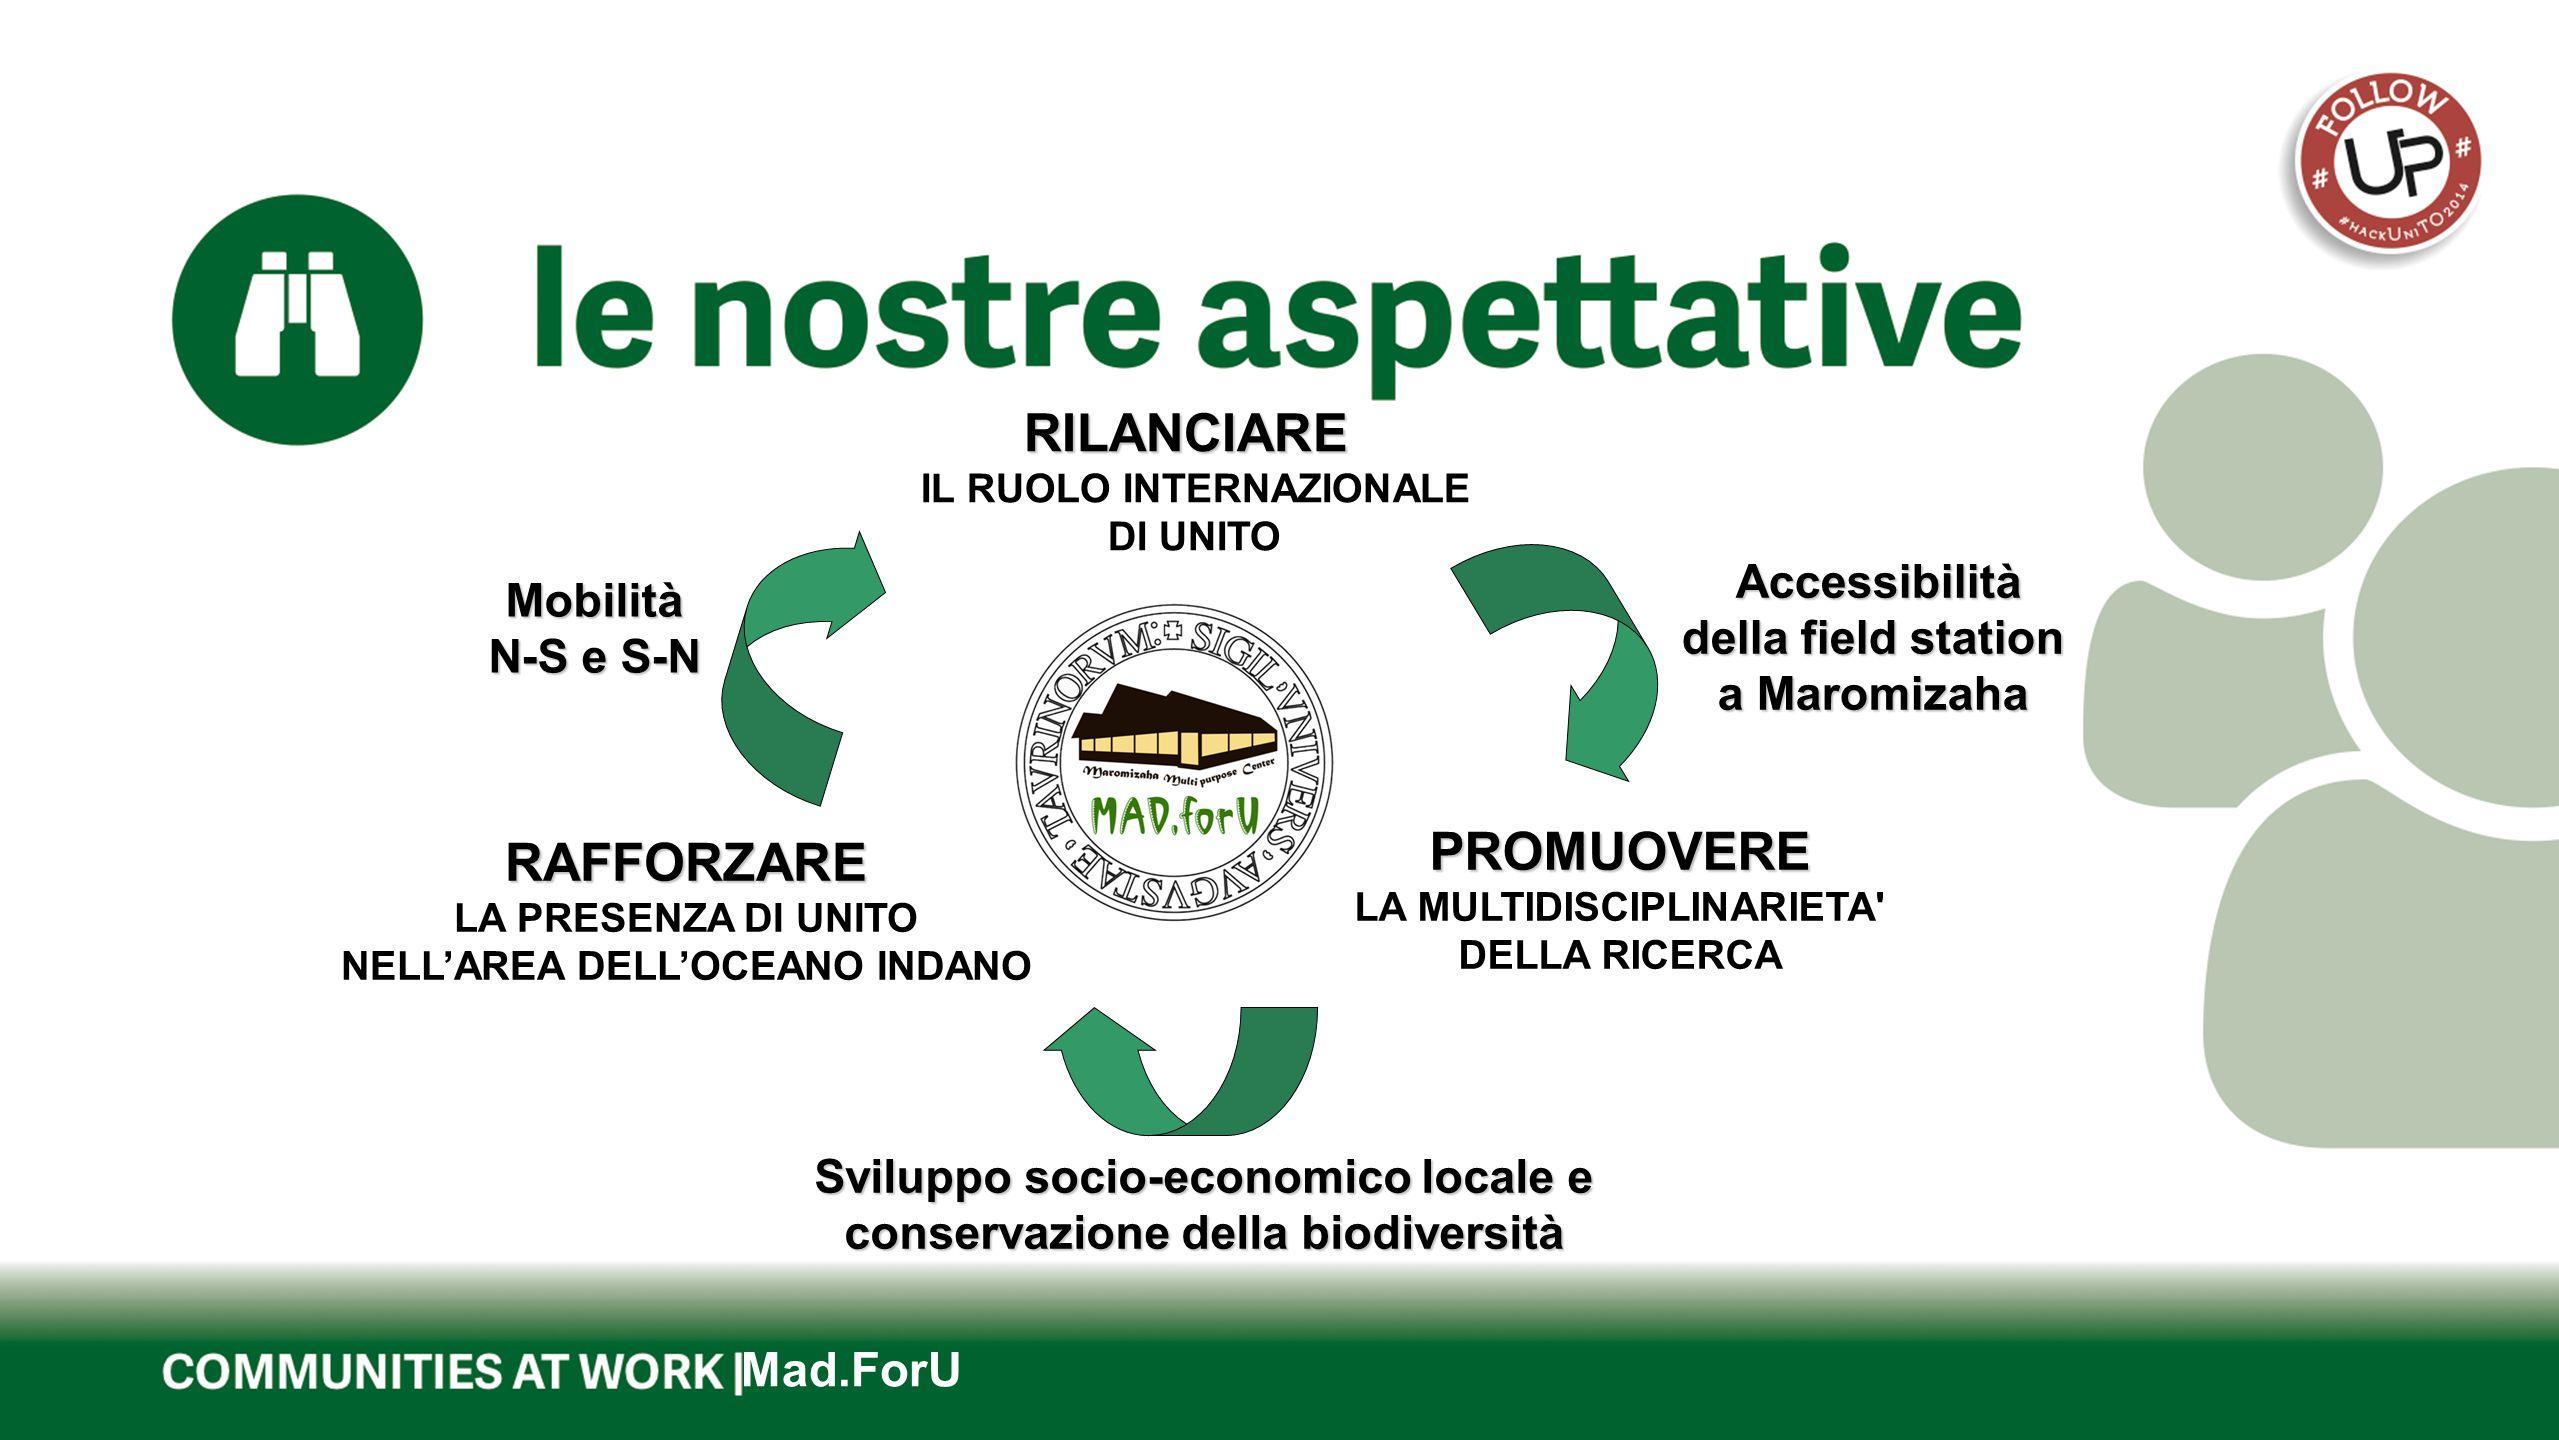 Questo è il titolo del tuo progetto Mad.ForURILANCIARE IL RUOLO INTERNAZIONALE DI UNITOPROMUOVERE LA MULTIDISCIPLINARIETA DELLA RICERCA RAFFORZARE LA PRESENZA DI UNITO NELL'AREA DELL'OCEANO INDANO Mobilità N-S e S-N Accessibilità Accessibilità della field station a Maromizaha Sviluppo socio-economico locale e conservazione della biodiversità